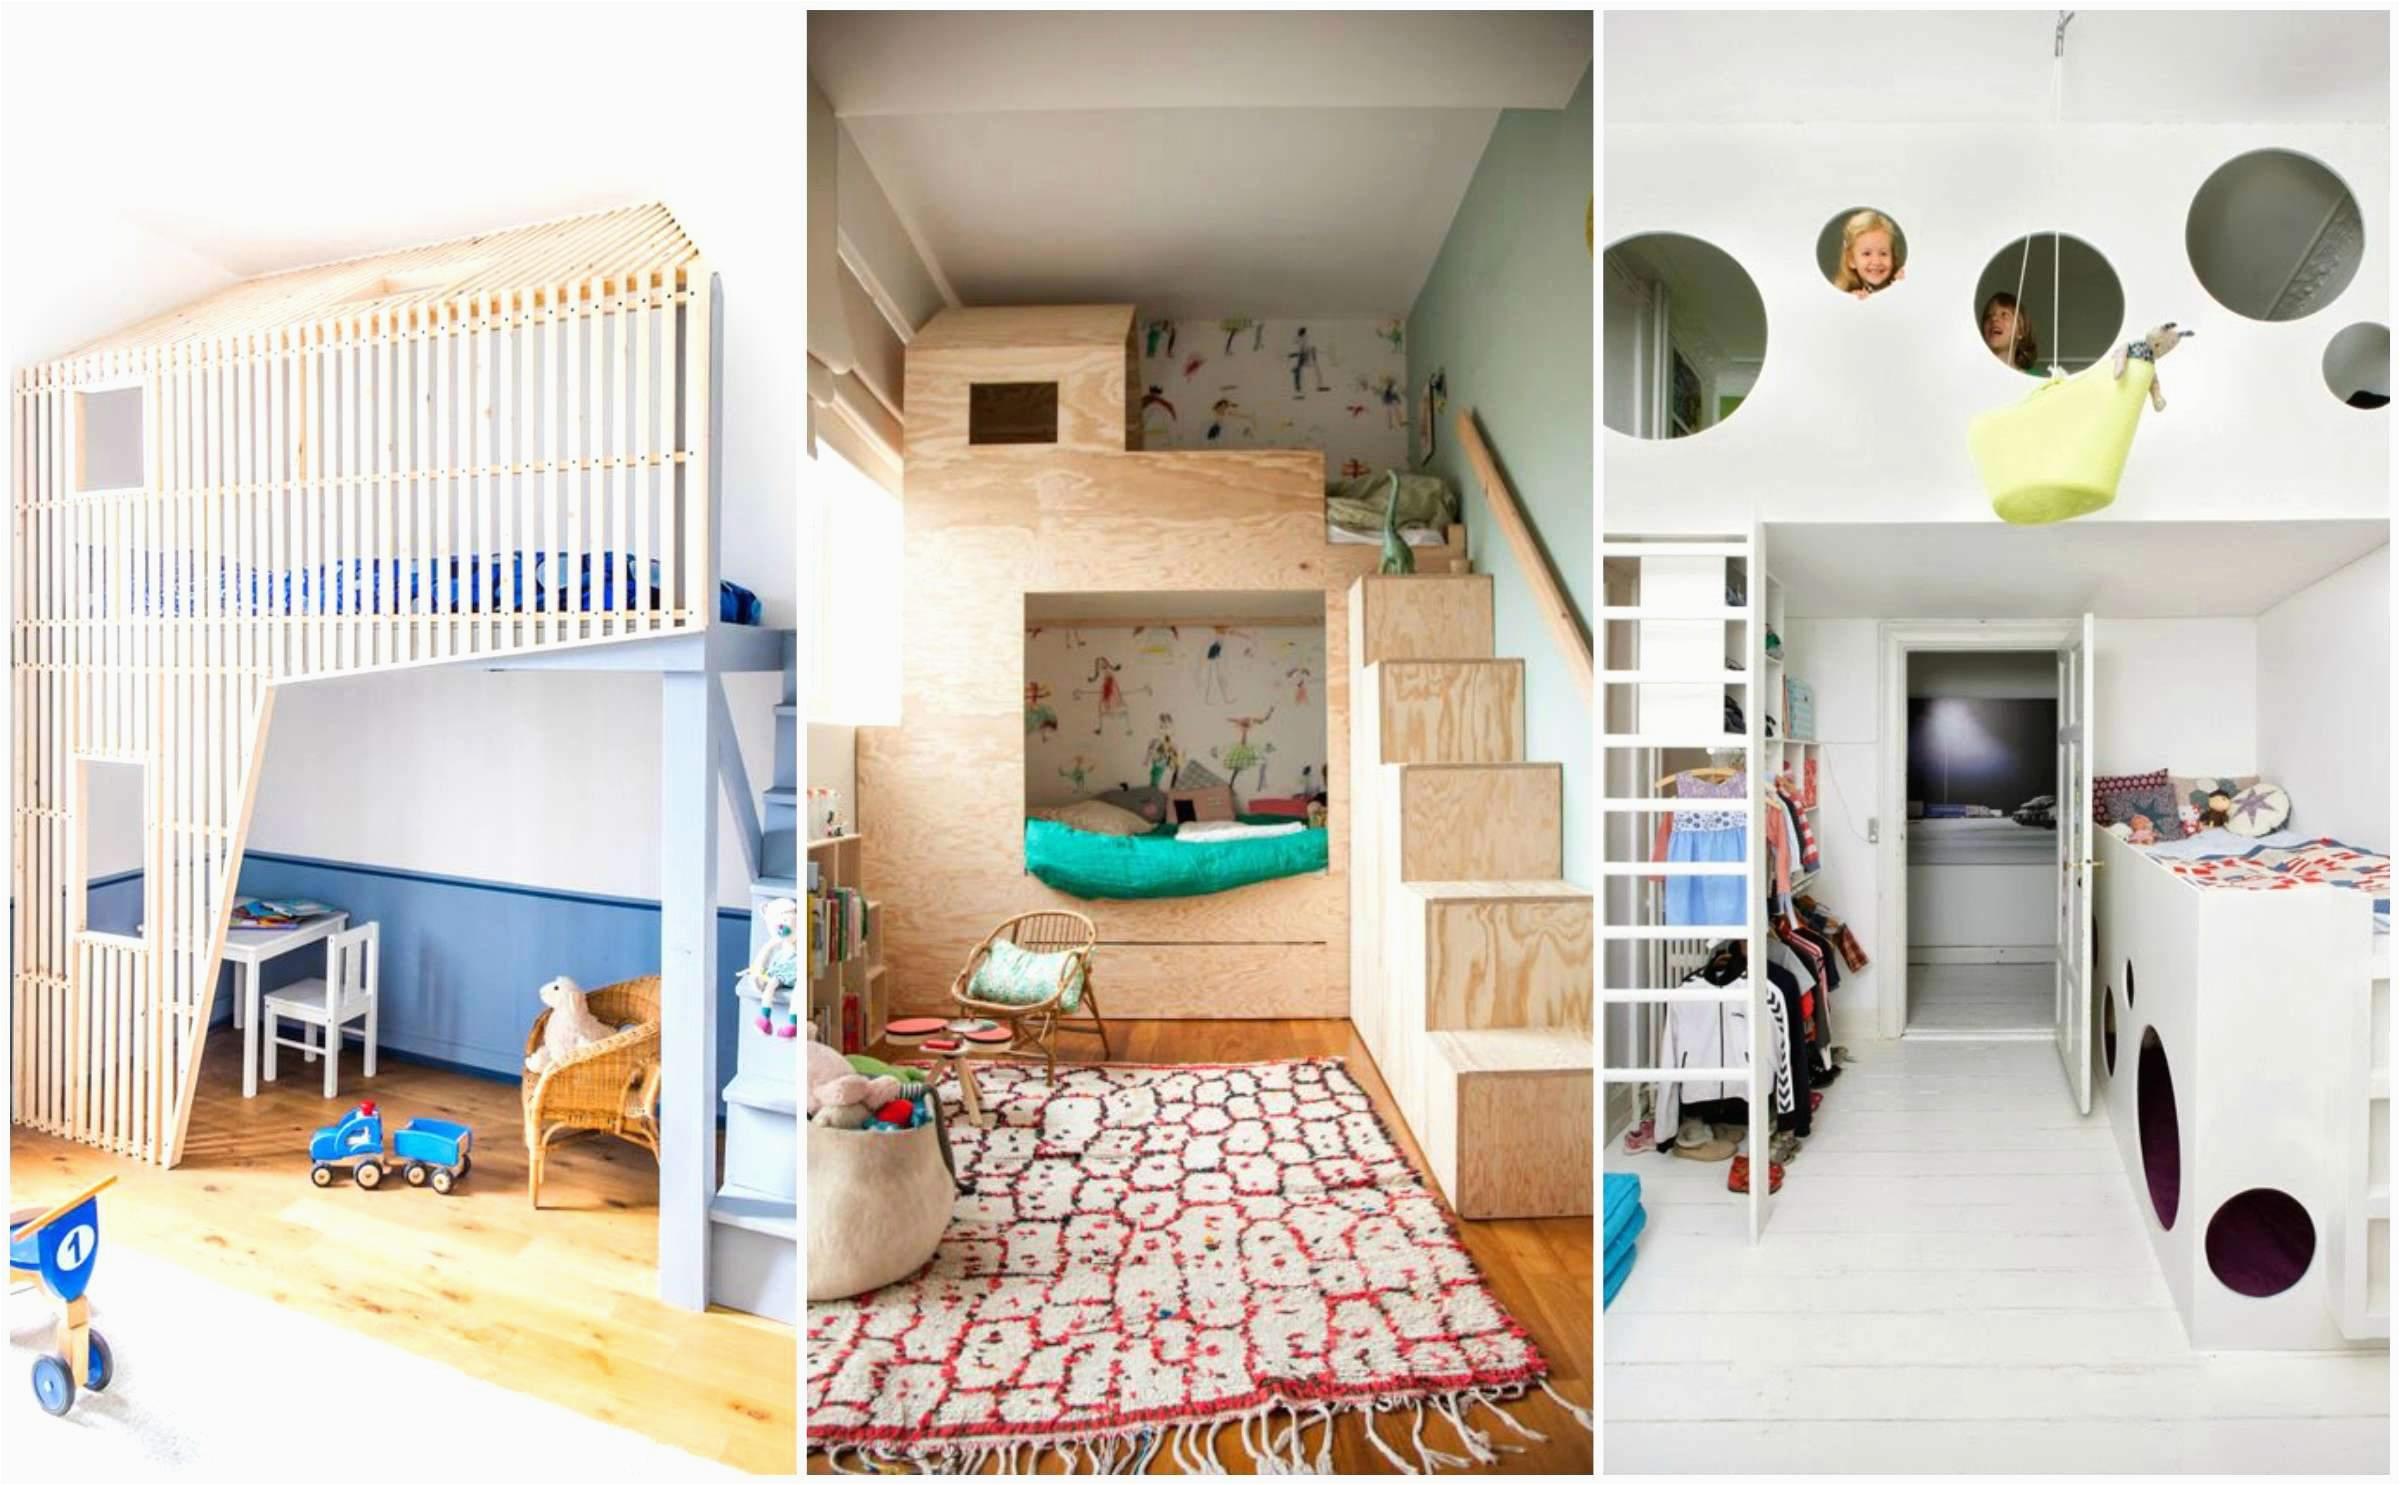 ideen furs wohnzimmer elegant 30 luxus scheibengardinen fur schlafzimmer buch of ideen furs wohnzimmer